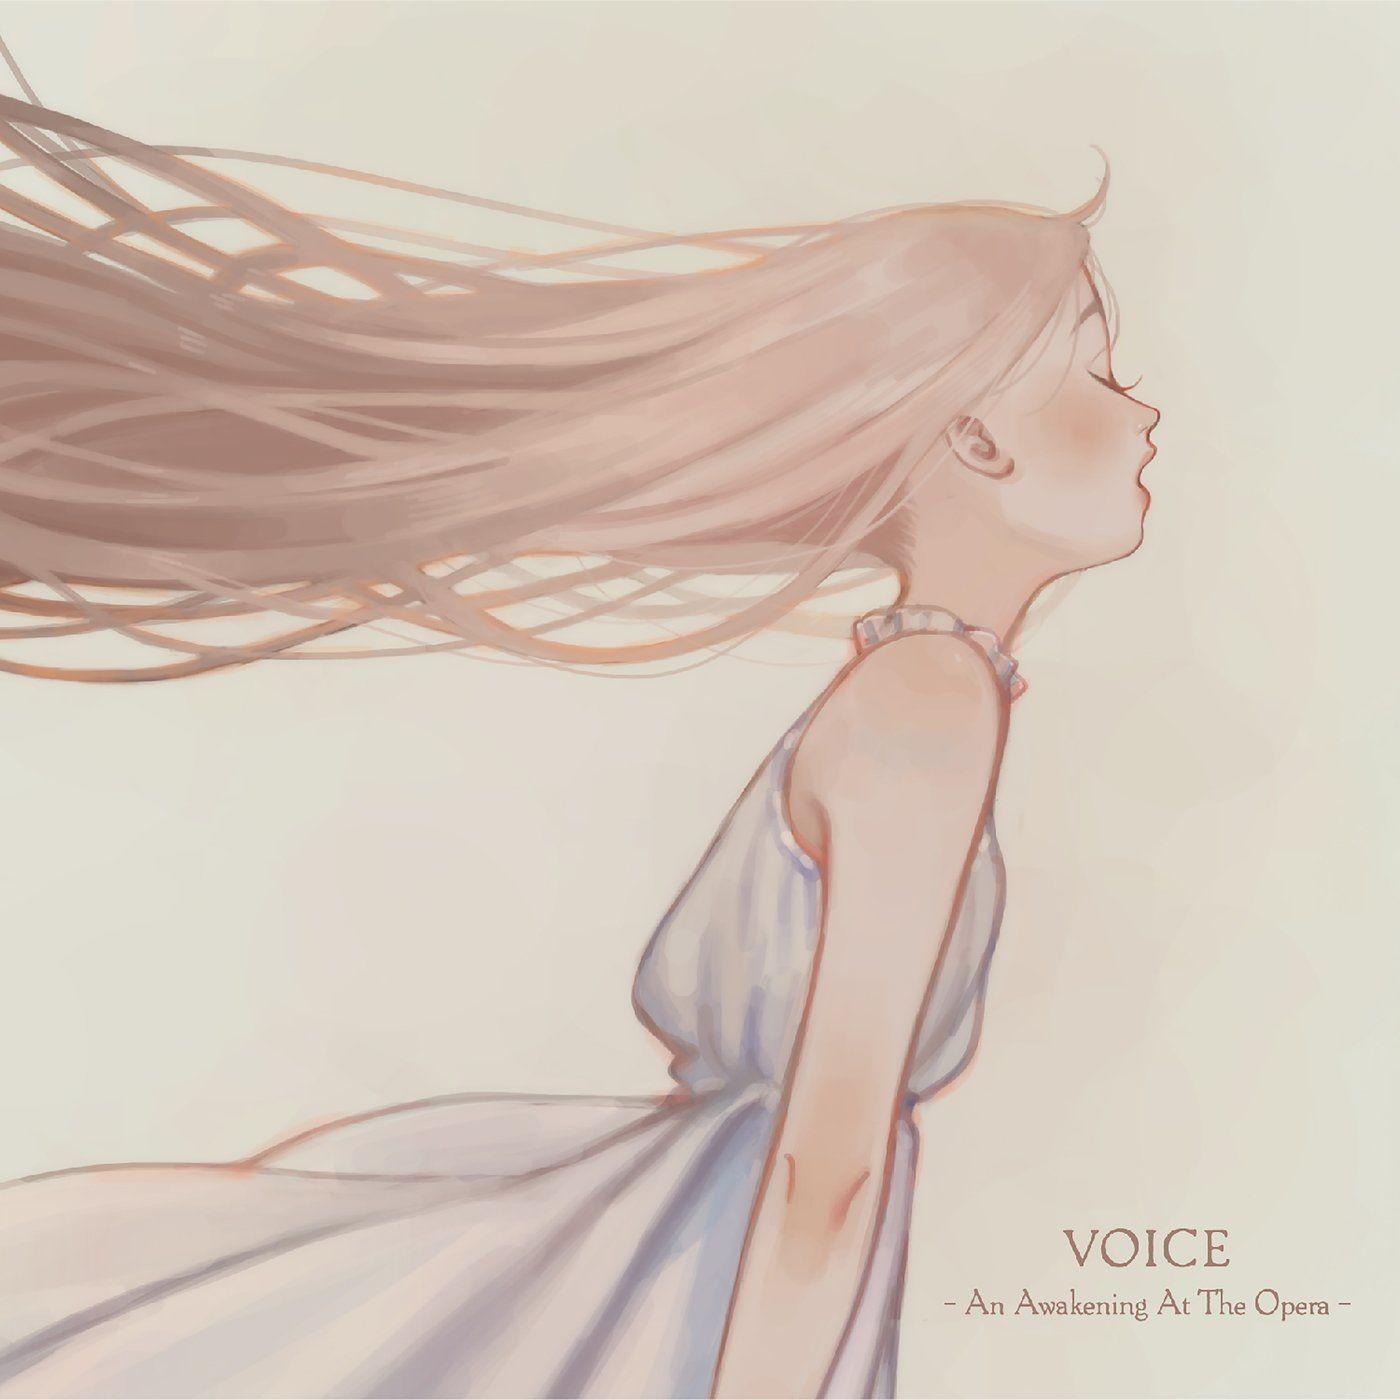 [Album] 水野蒼生 (Aoi Mizuno) – VOICE – An Awakening At The Opera – [FLAC / WEB] [2021.03.31]